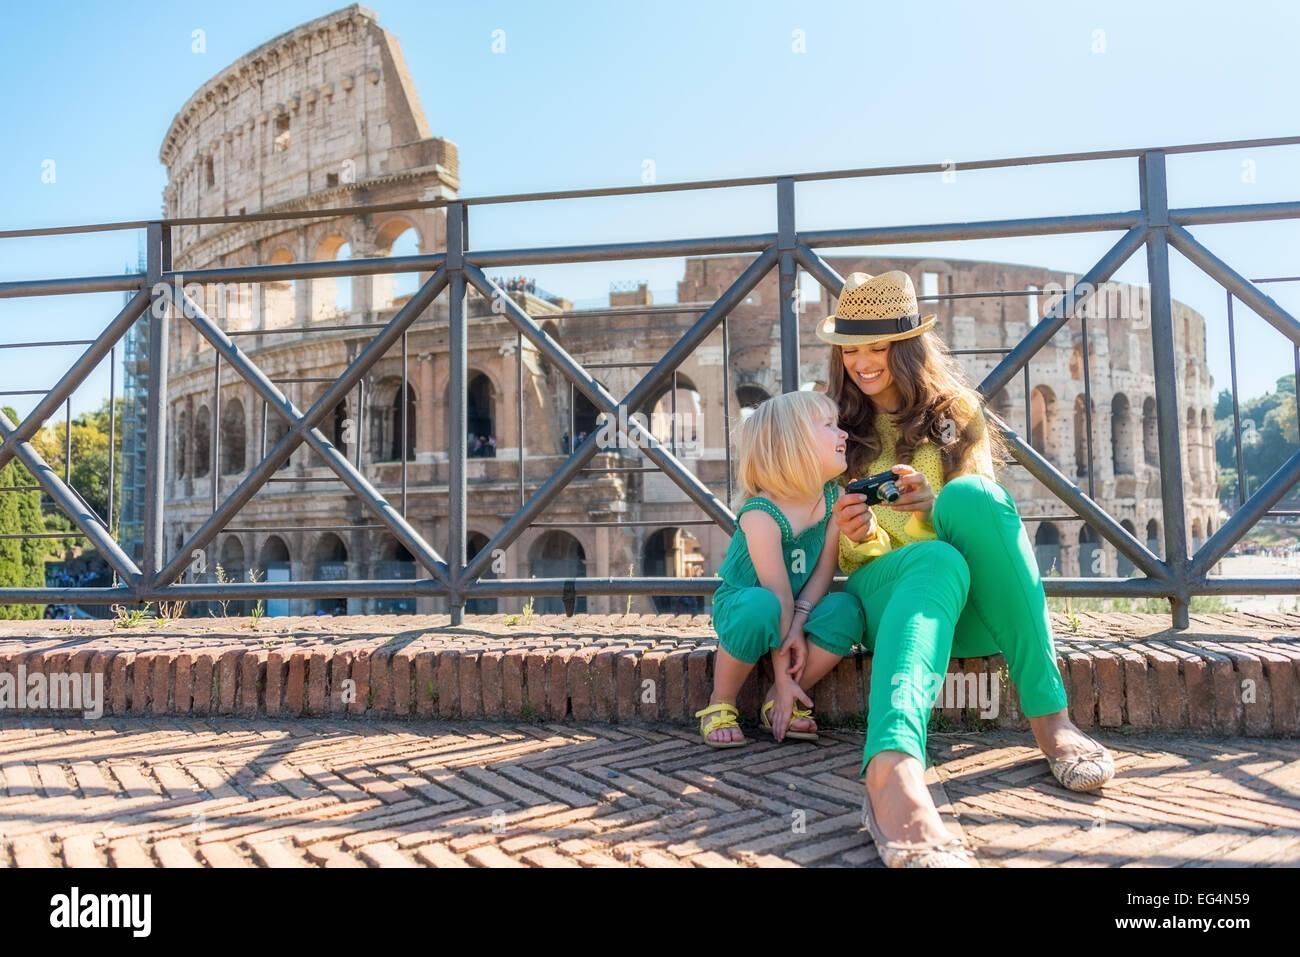 Mère et fille bébé assis devant le Colisée à Rome, Italie Photo Stock